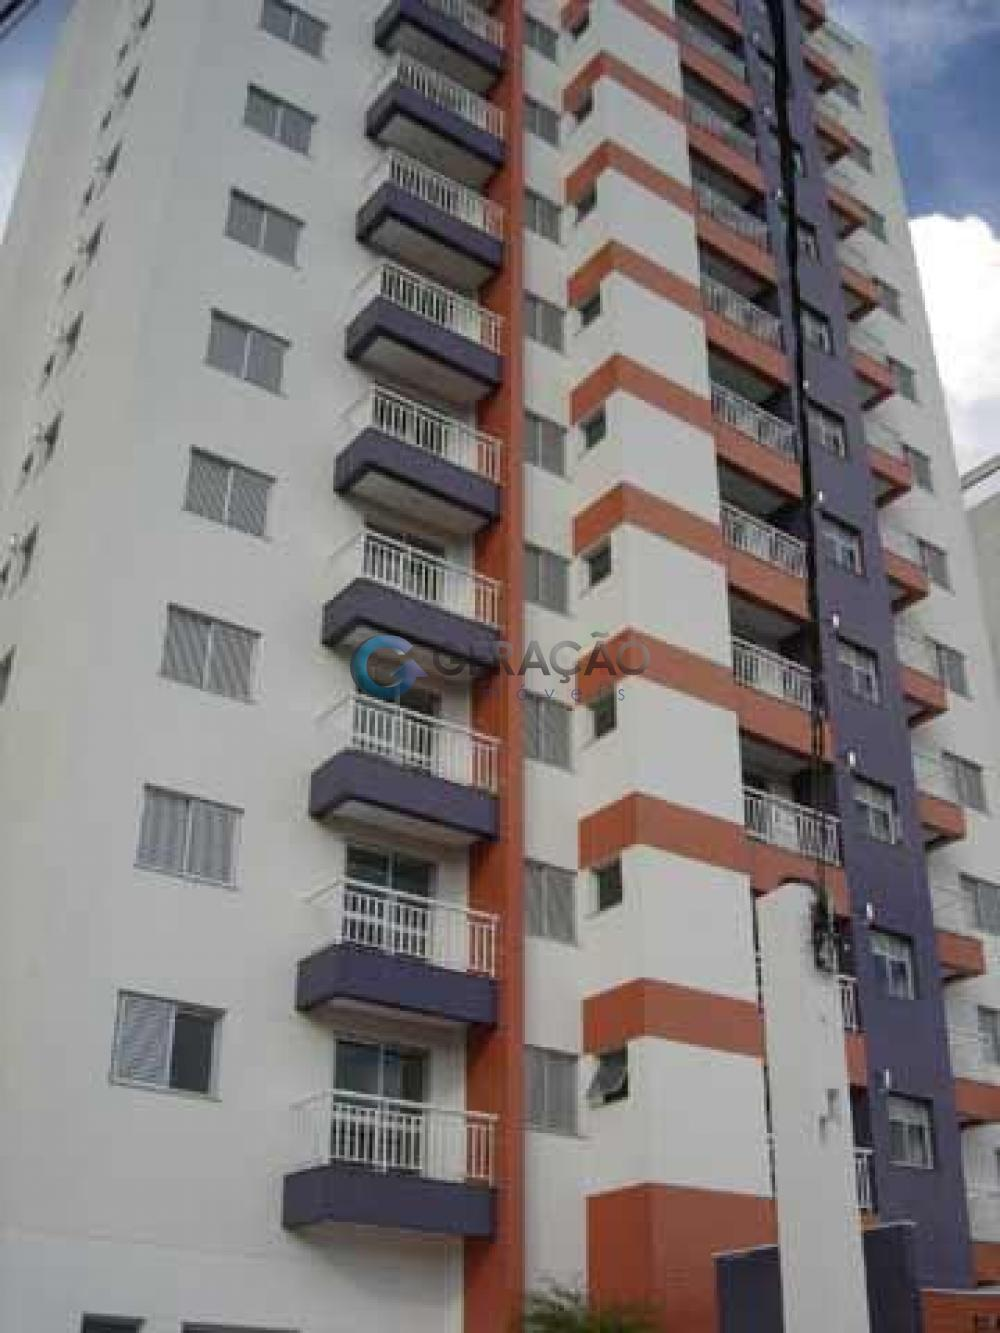 Comprar Apartamento / Padrão em São José dos Campos apenas R$ 279.900,00 - Foto 1